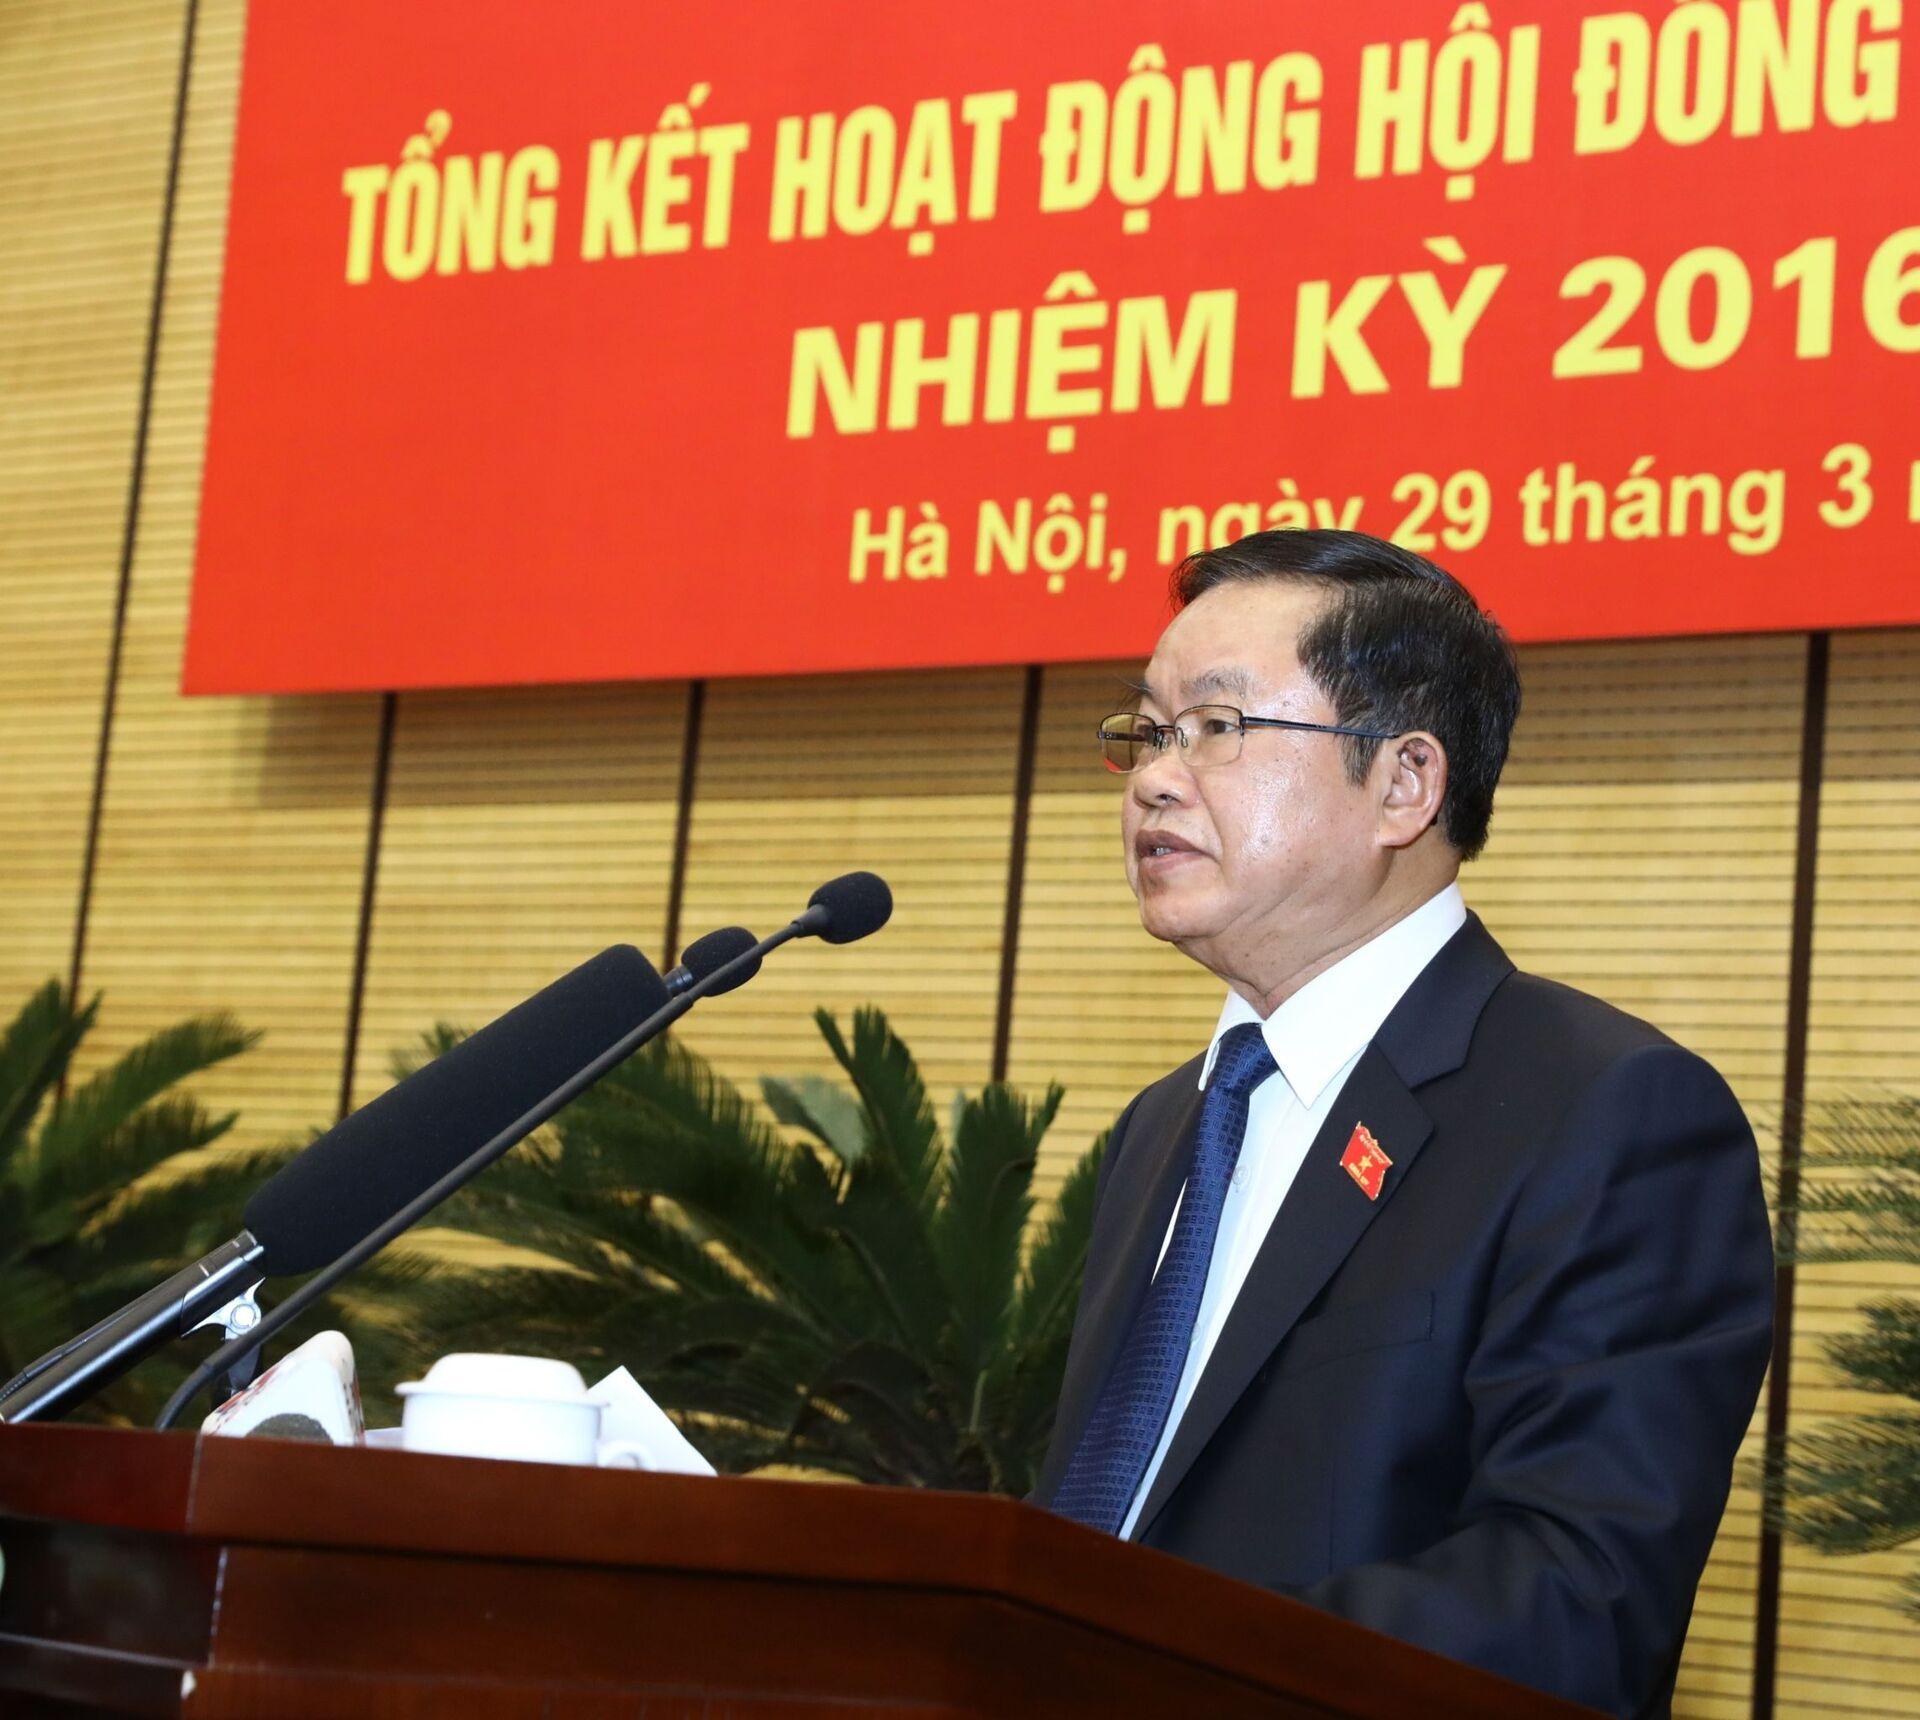 Quốc hội miễn nhiệm 3 Phó Chủ tịch Quốc hội trong hôm nay - Sputnik Việt Nam, 1920, 31.03.2021